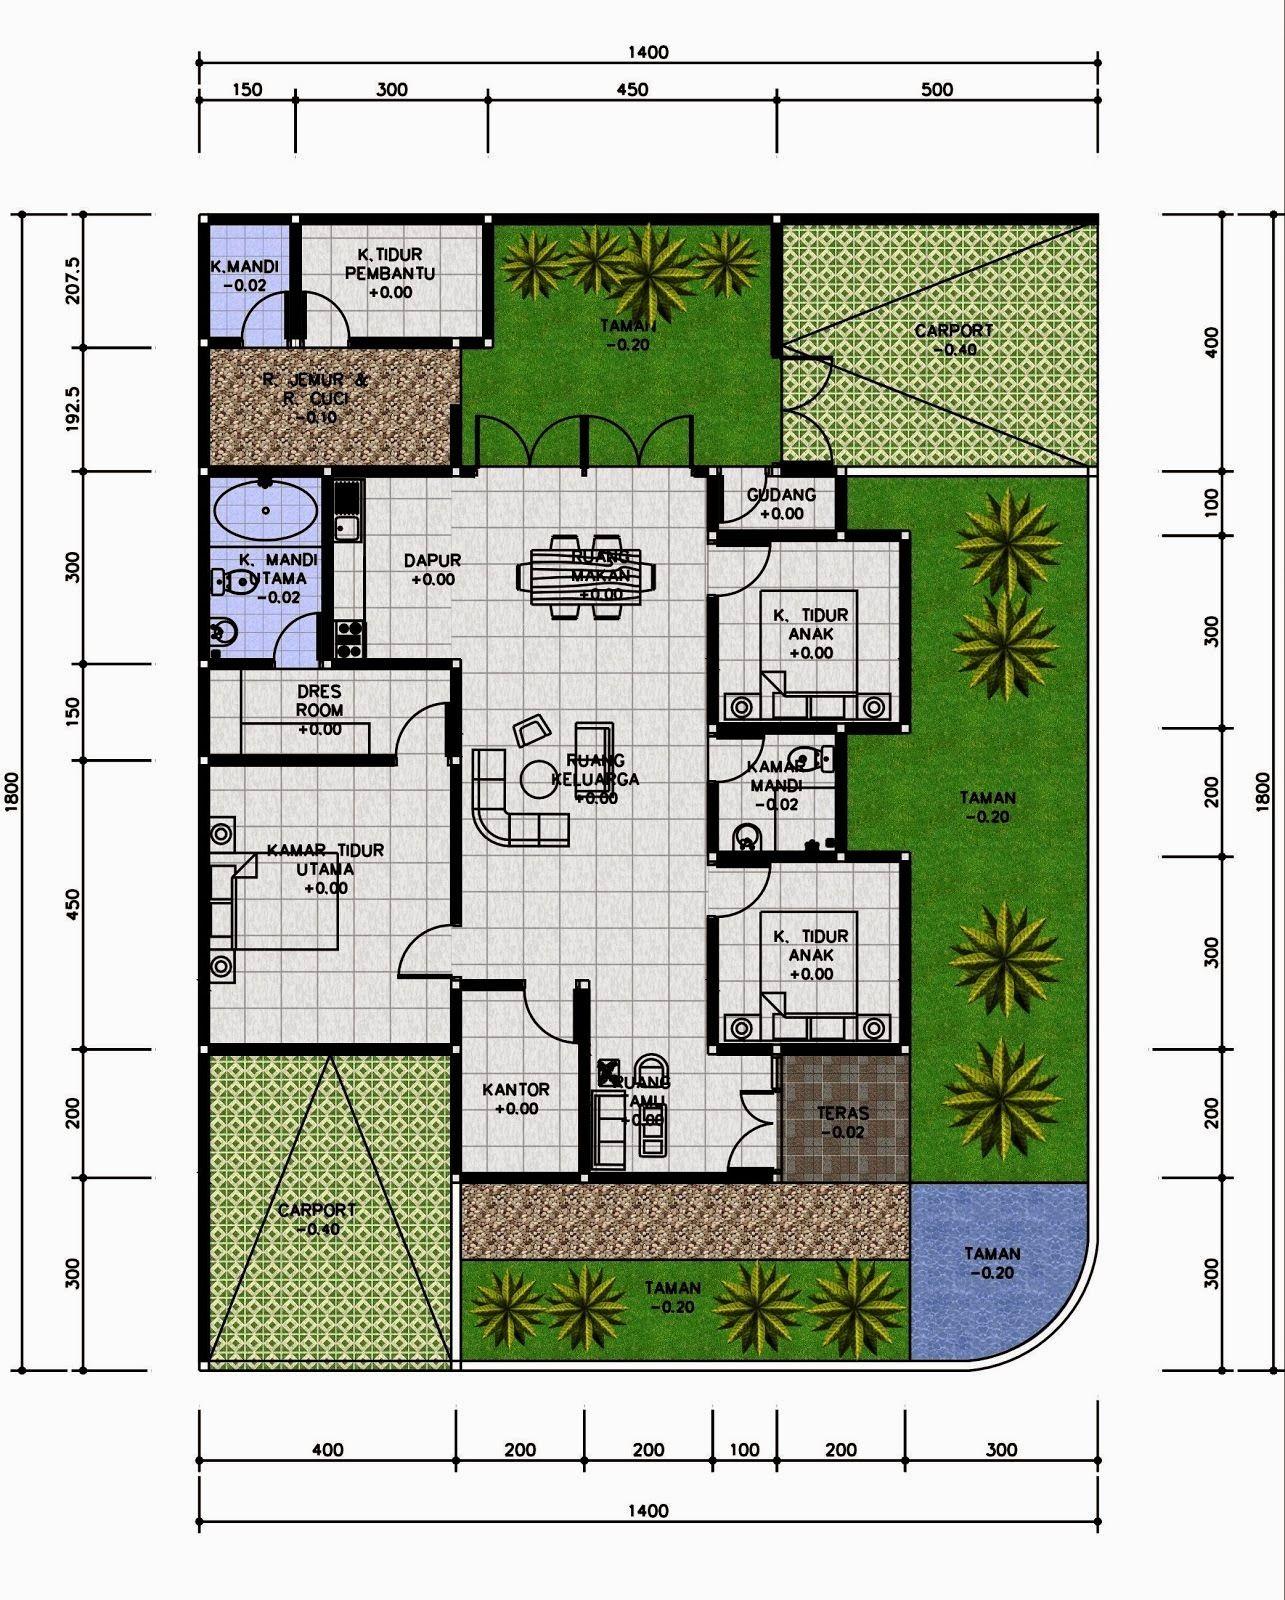 40 Desain Rumah Cantik Minimalis di Desa Paling Populer